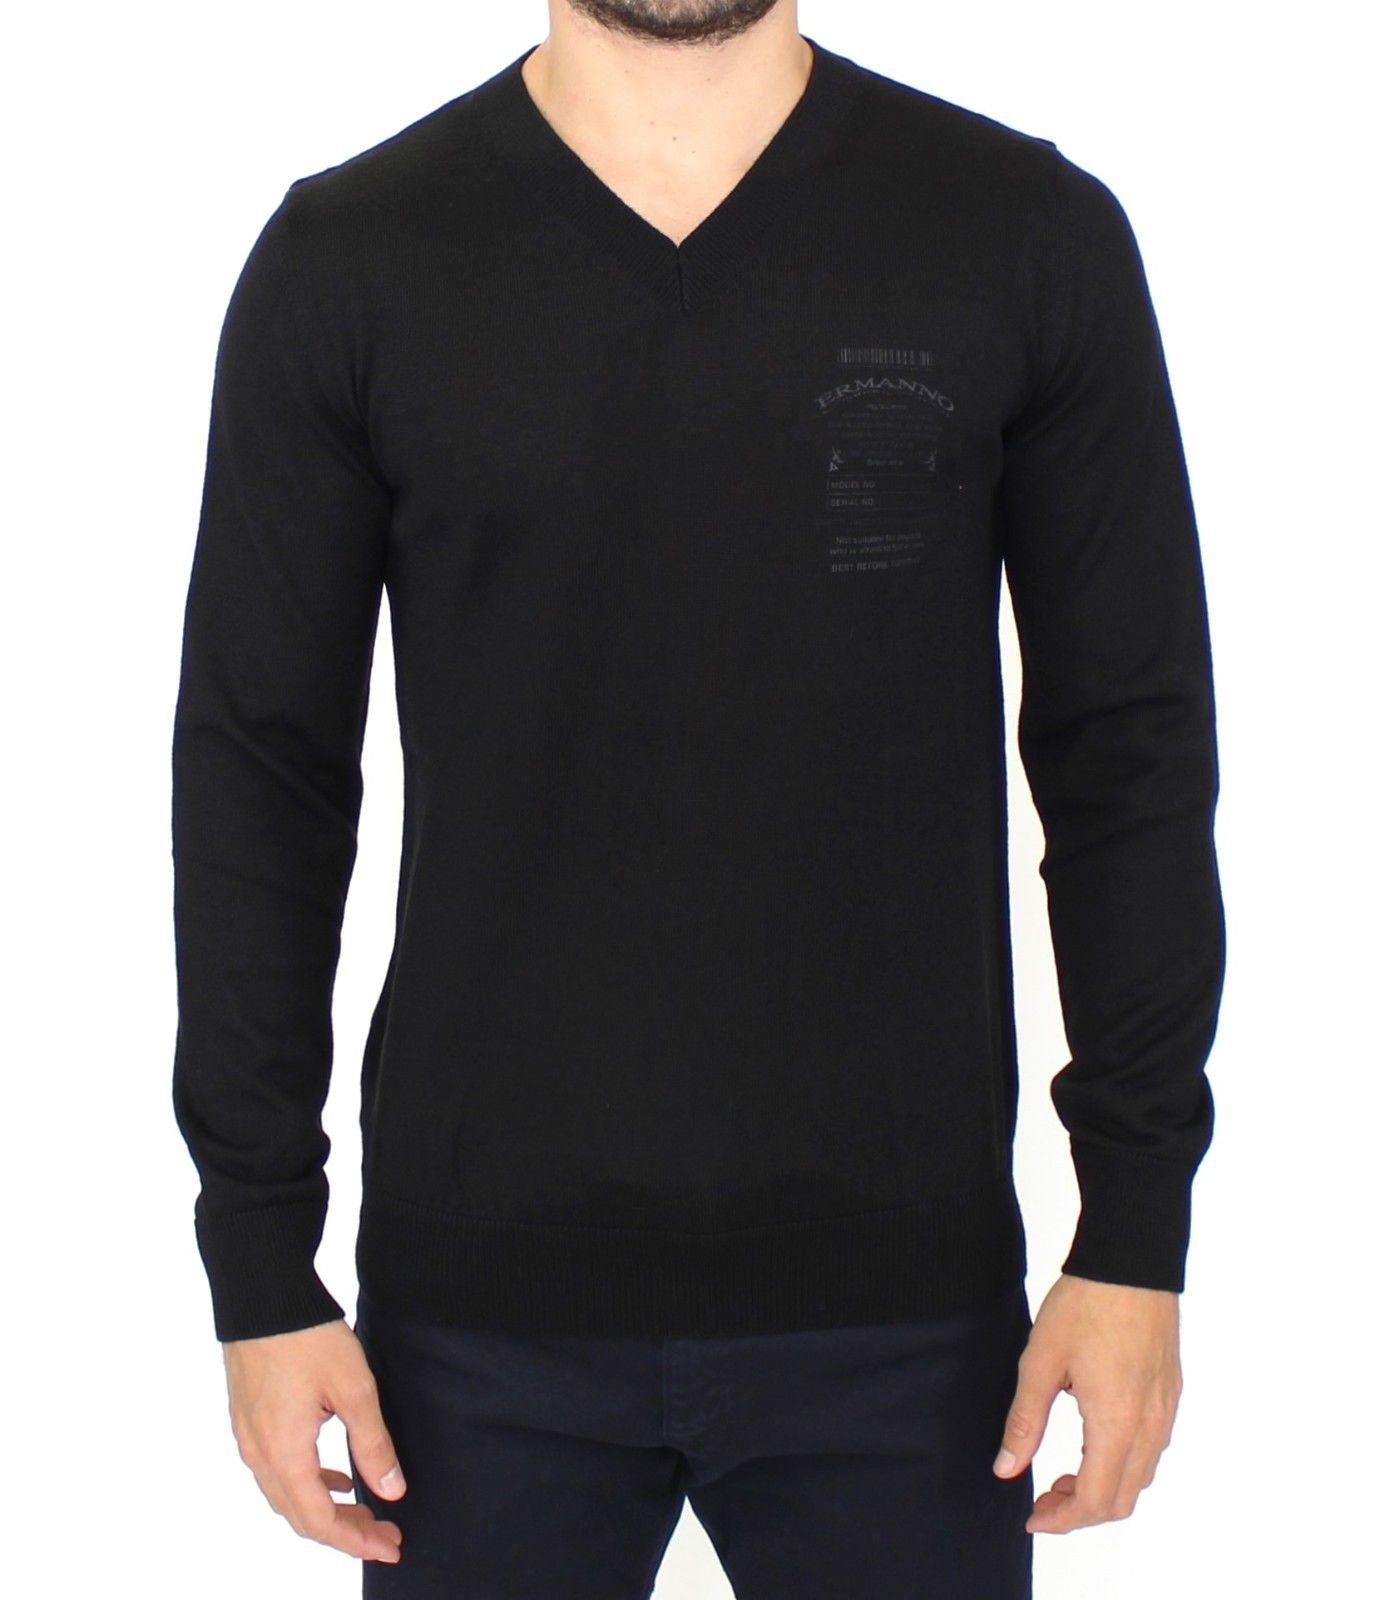 Ermanno Scervino Men's V-Neck Sweater Black SIG10107 - IT48 | M